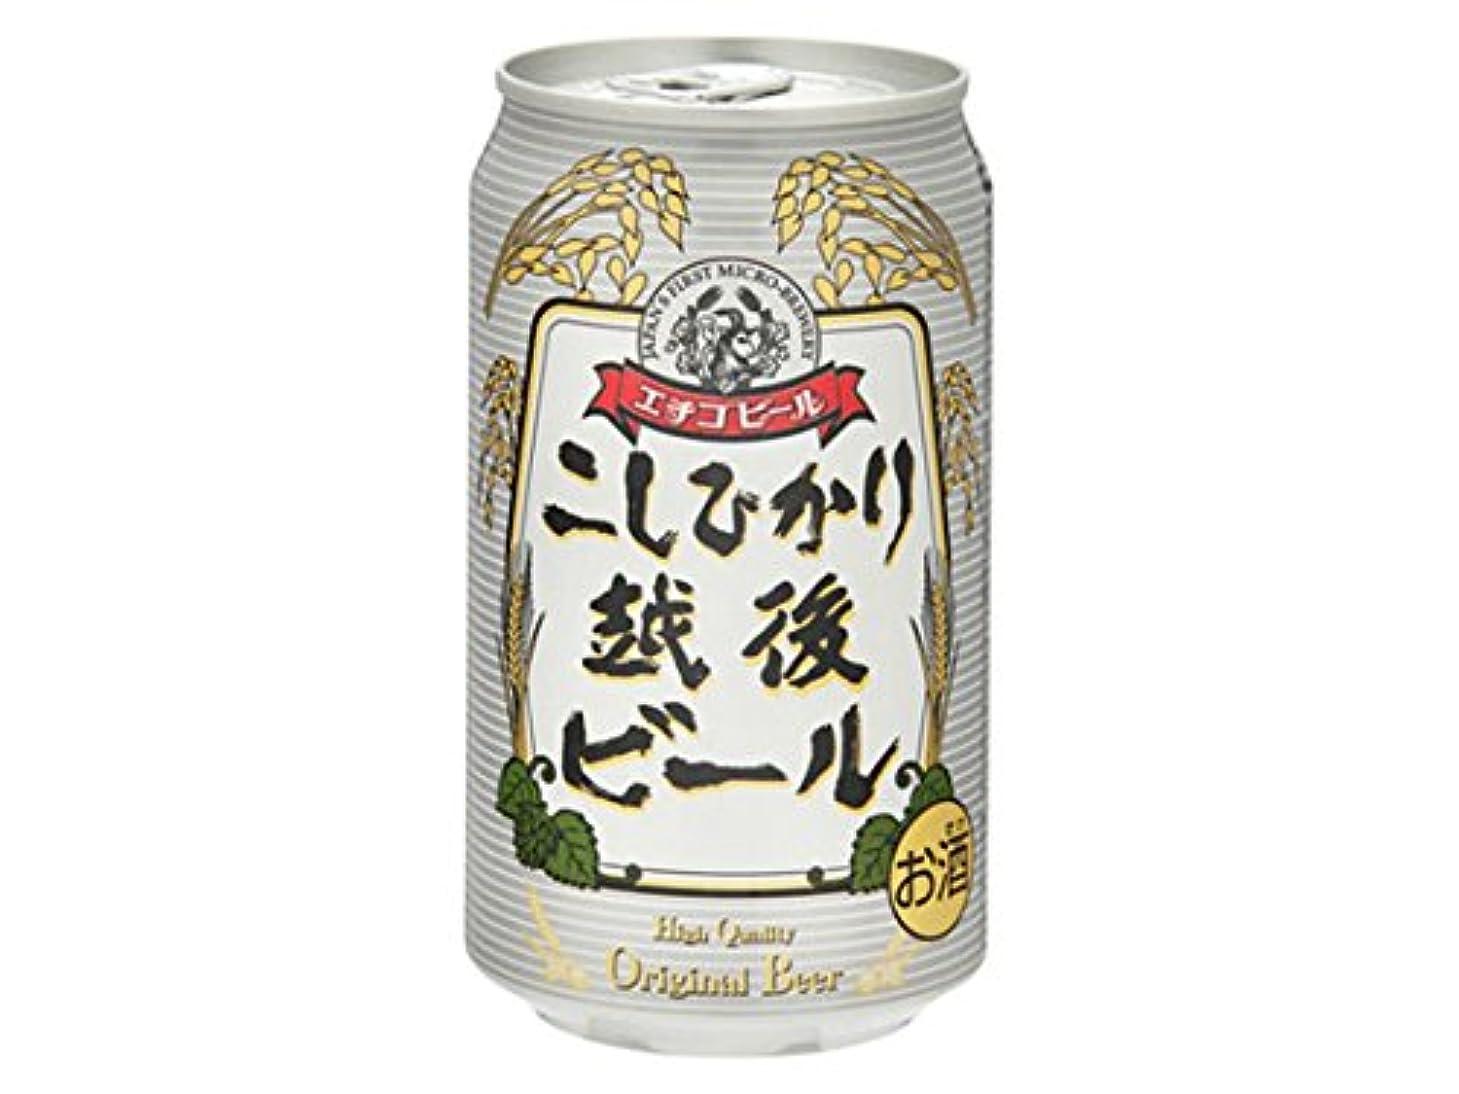 矩形弱める静かなJapan beer 日本ビール エチゴビール こしひかり越後麦酒350ml/24e Koshihikari Echigo Bee